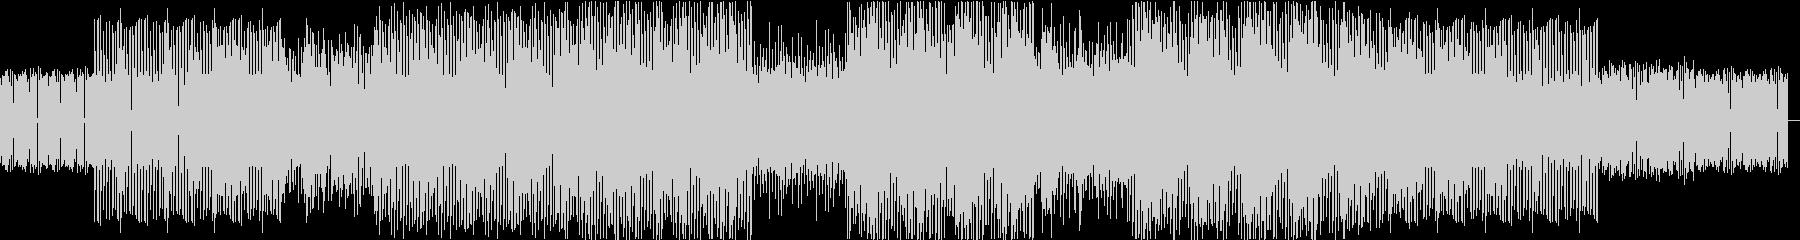 ダンサブルでファンキー、ジャズBGMの未再生の波形